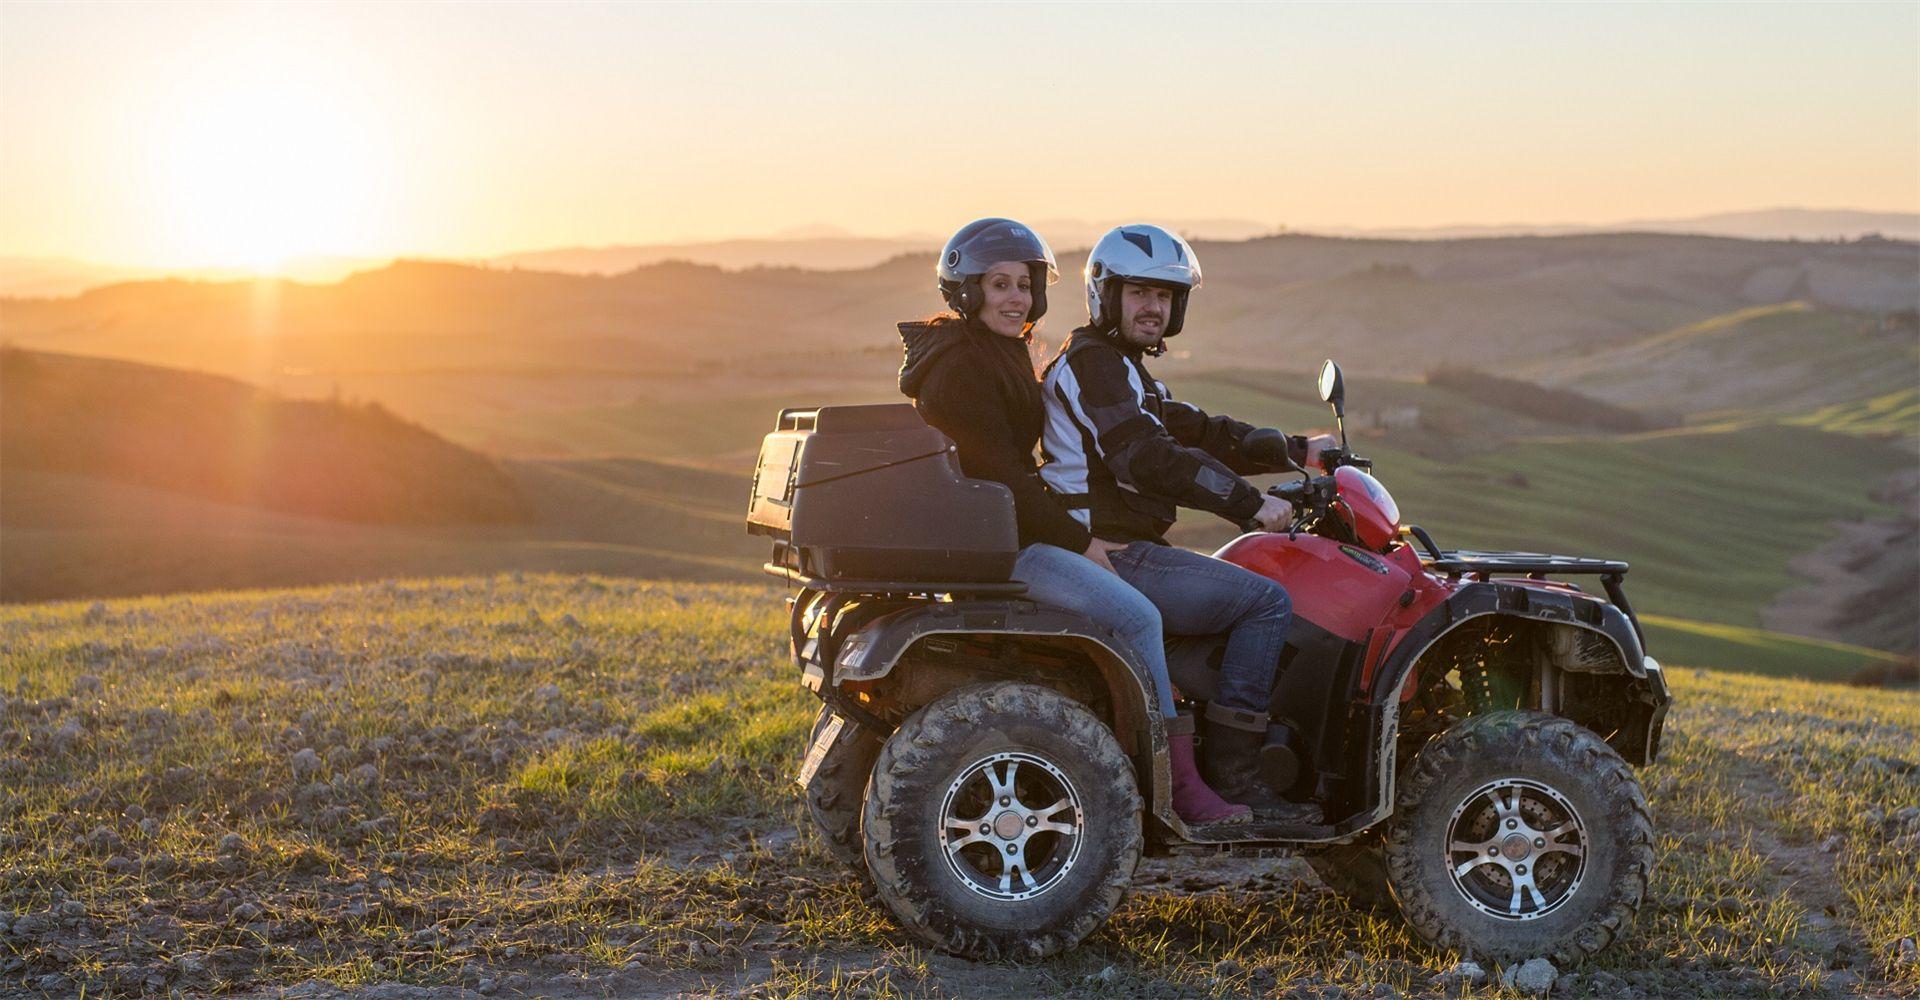 tuscany-adventure-escursioni-quod-4b[1]